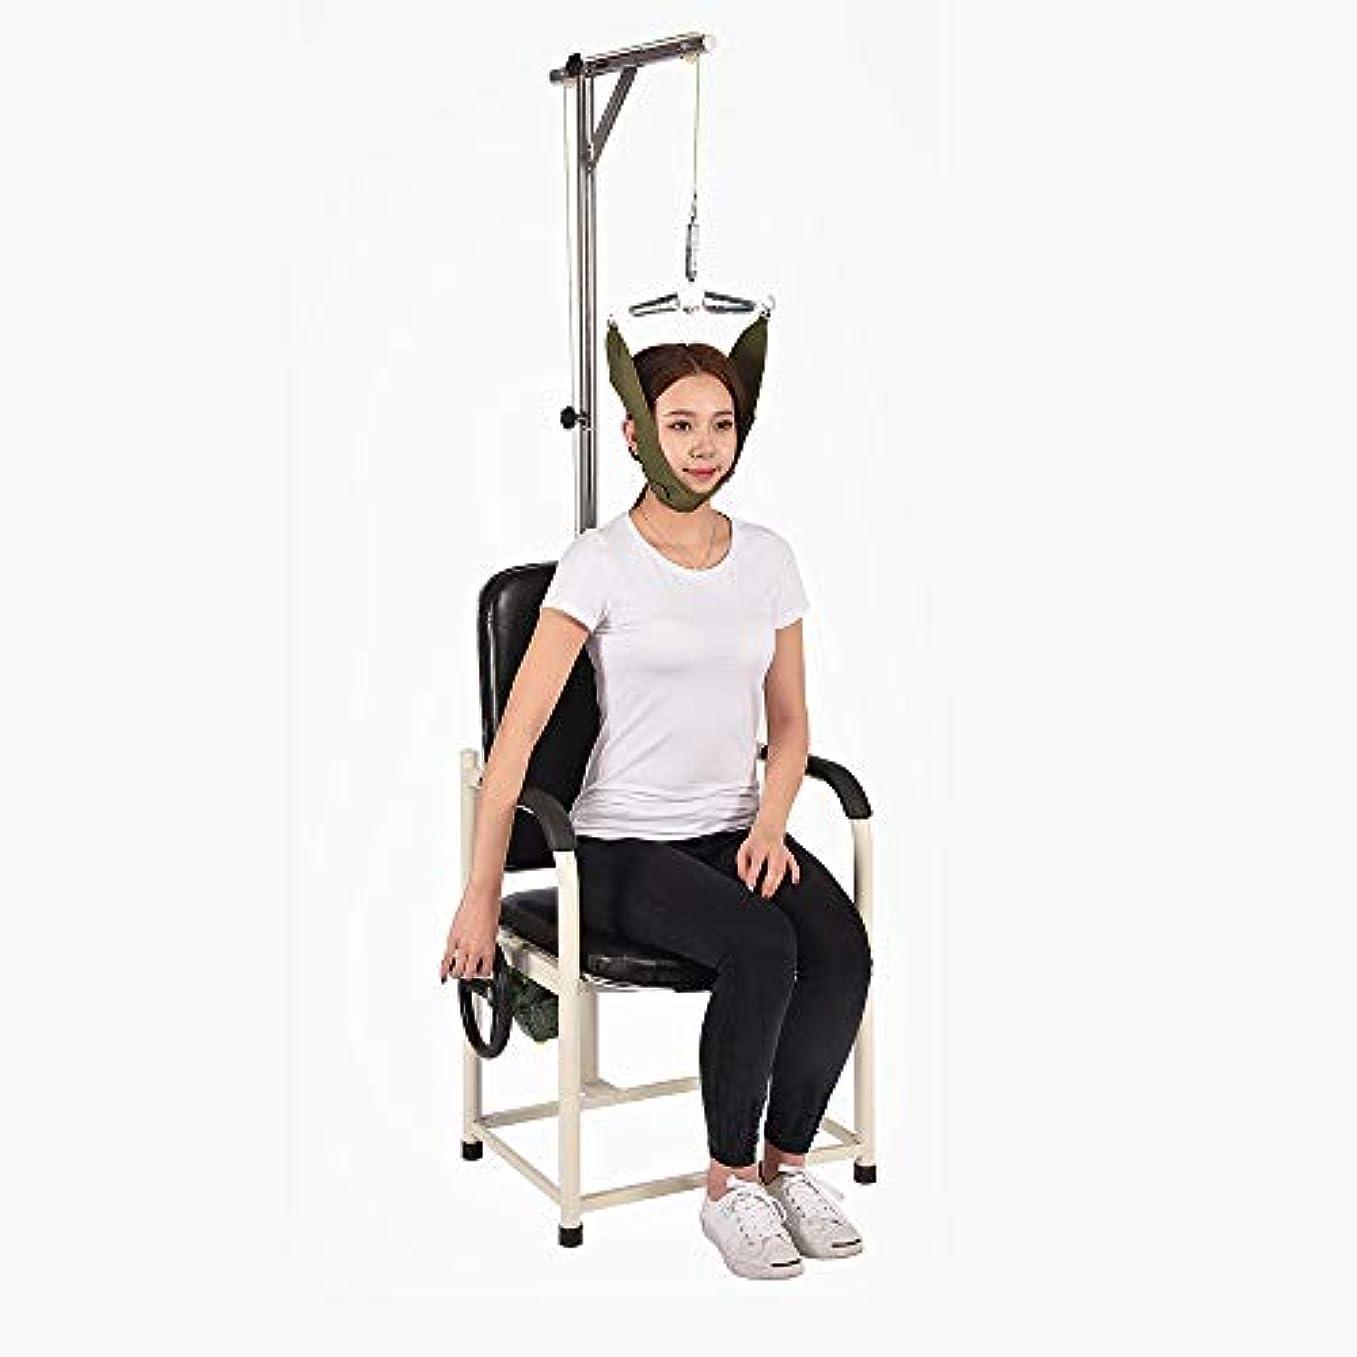 首?頸椎用ドアホー首頸部牽引ストレッチネックユニフォームベルトリデューサー補正トラクションチェア